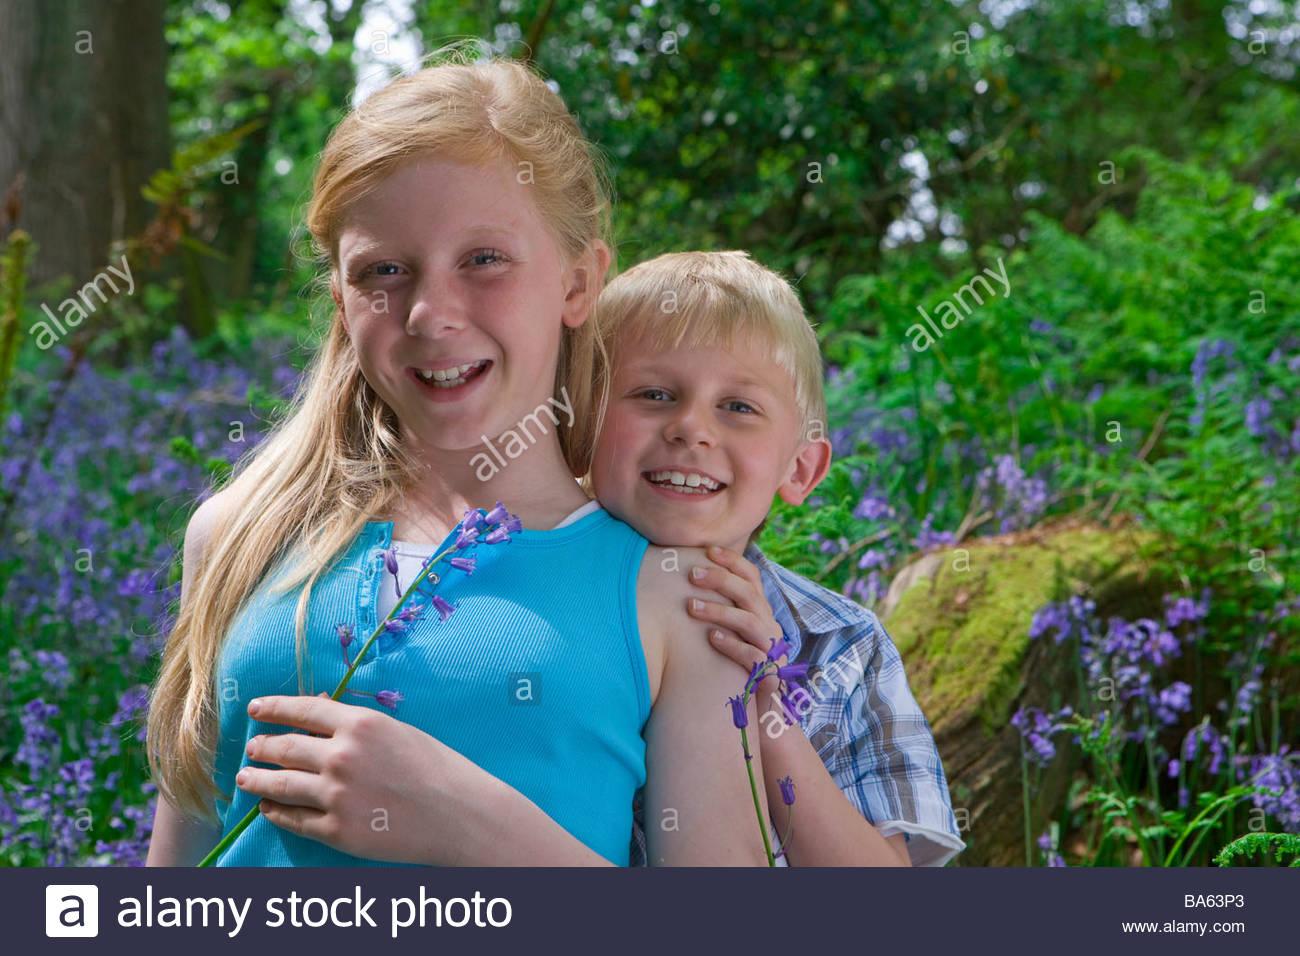 Children sitting on log among bluebell flowers Stock Photo